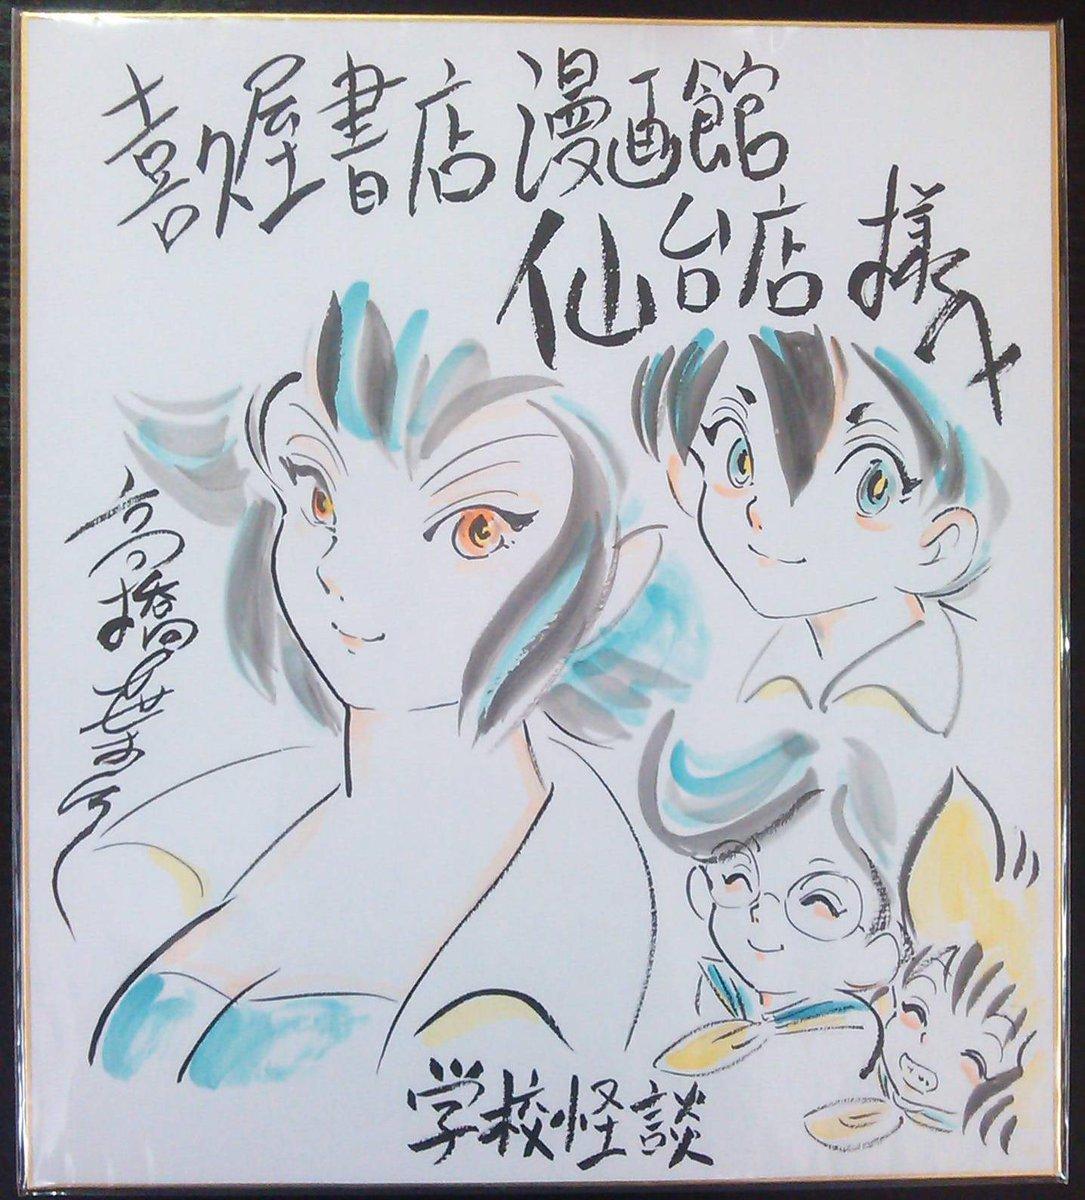 秋田書店・高橋葉介先生「学校怪談」サイン色紙を頂きました!ただいま怪談フェアコーナーにて展示中です!ご来店の際には是非ご覧下さいませ~(*´ω`*)先生ありがとうございました<(_ _*)> http://t.co/NvZtvpDiHk